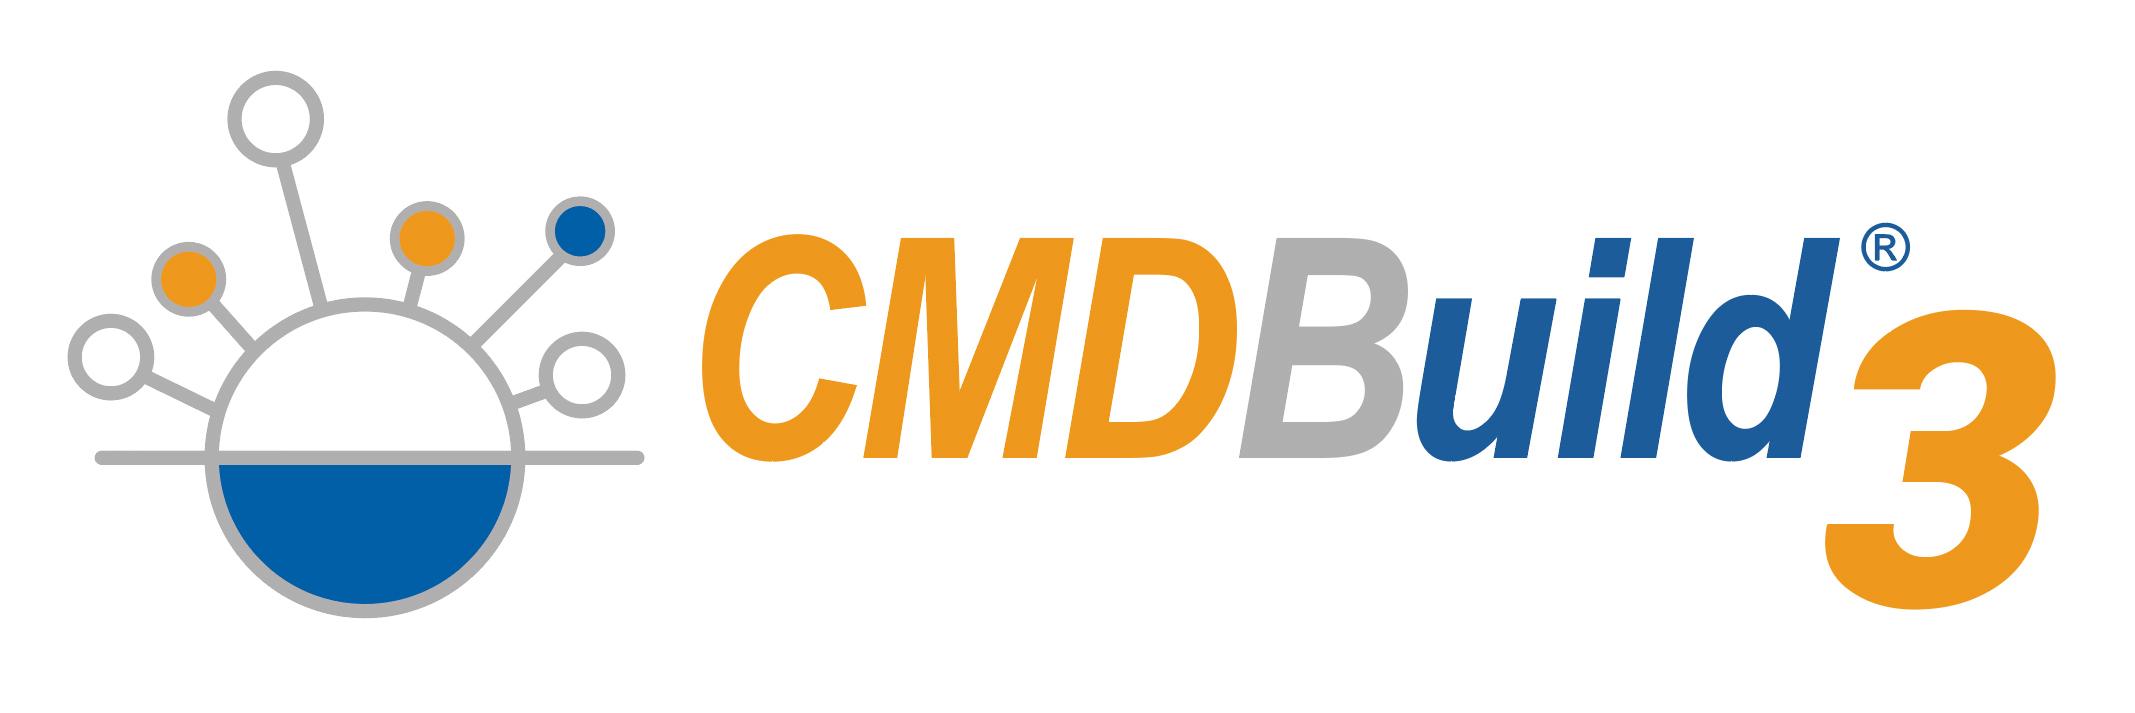 CMDBuild_3_logo